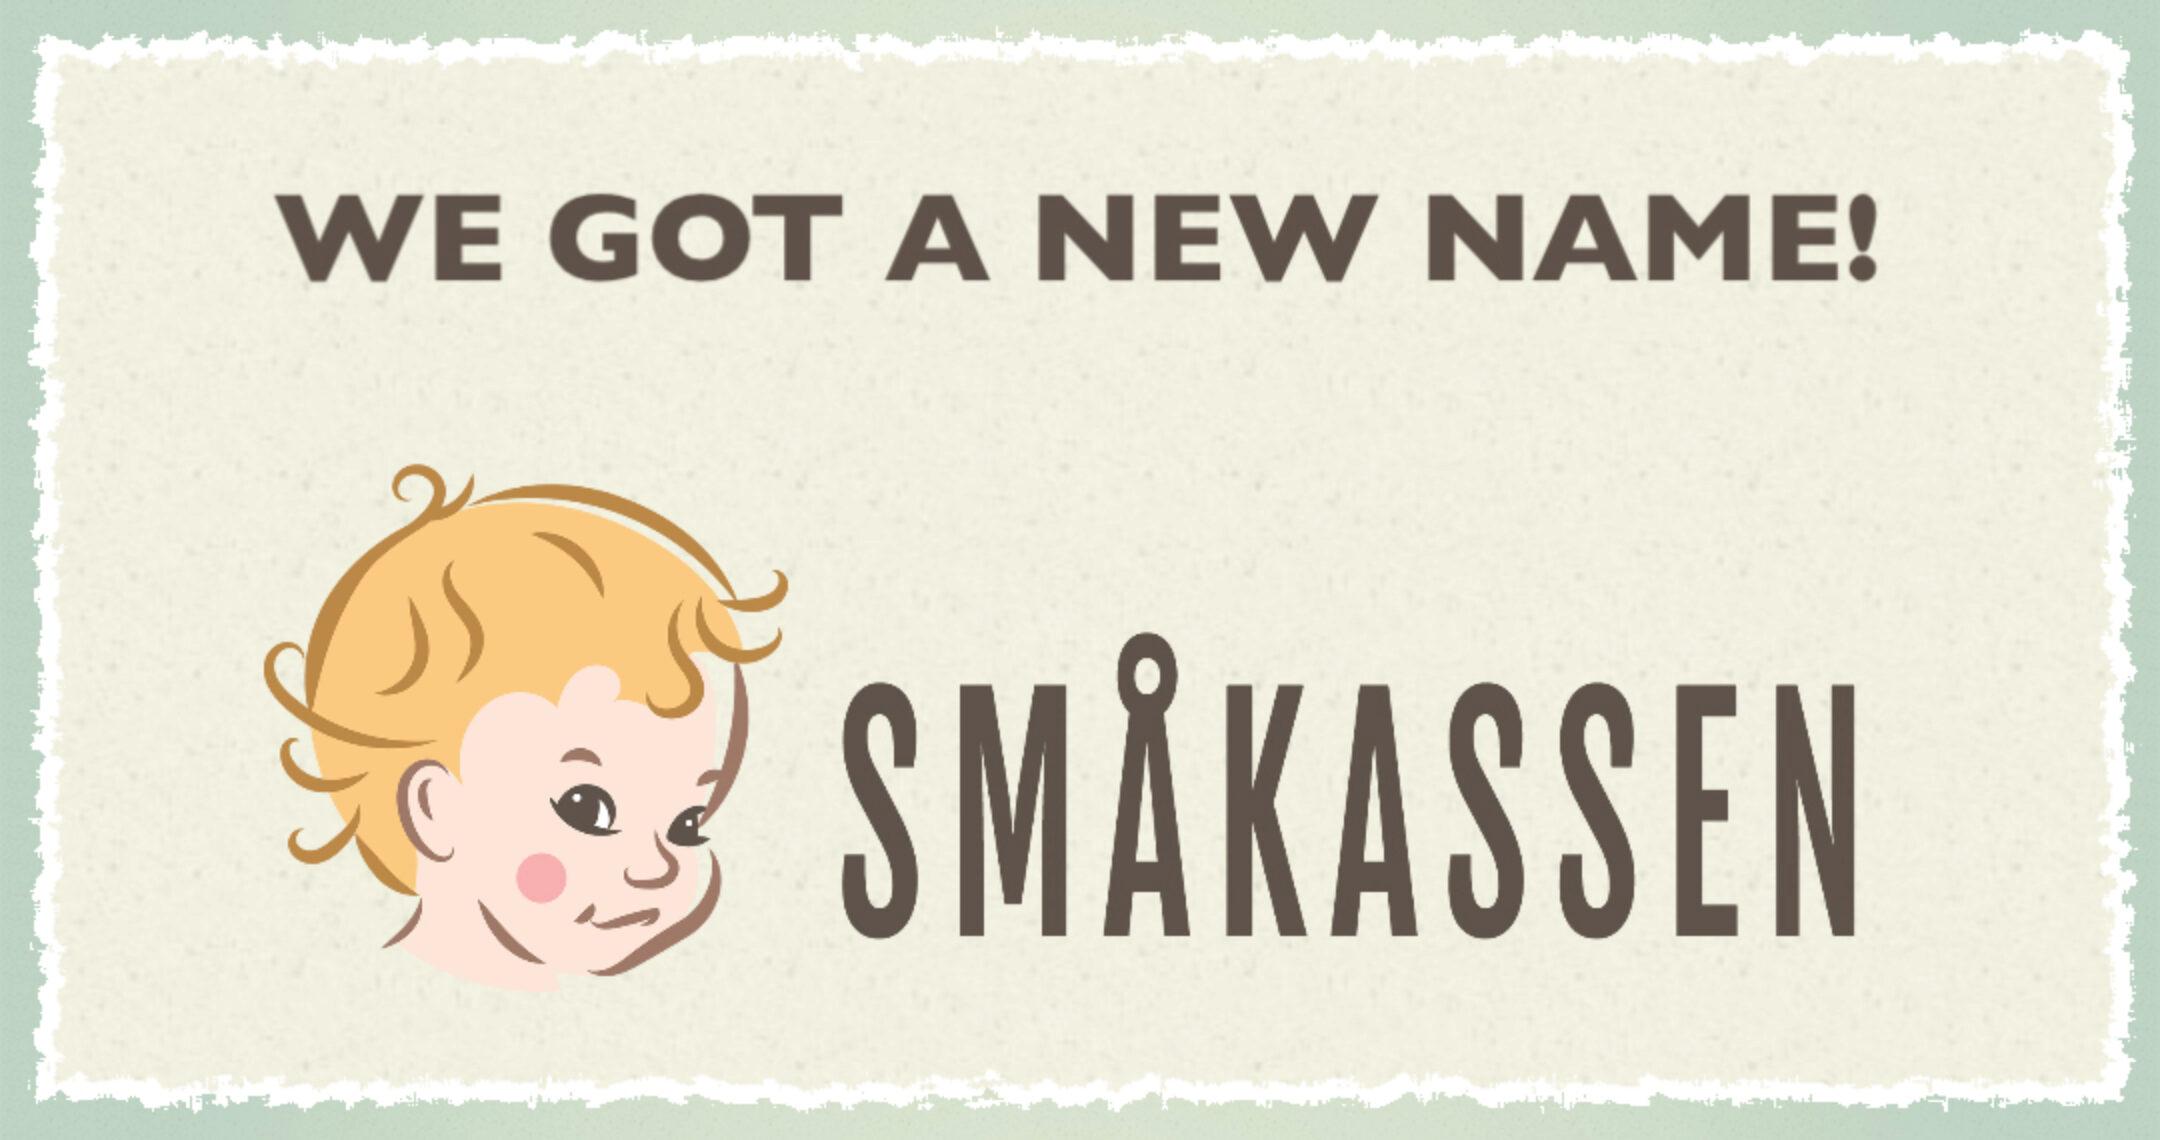 Småkassen got a new name!